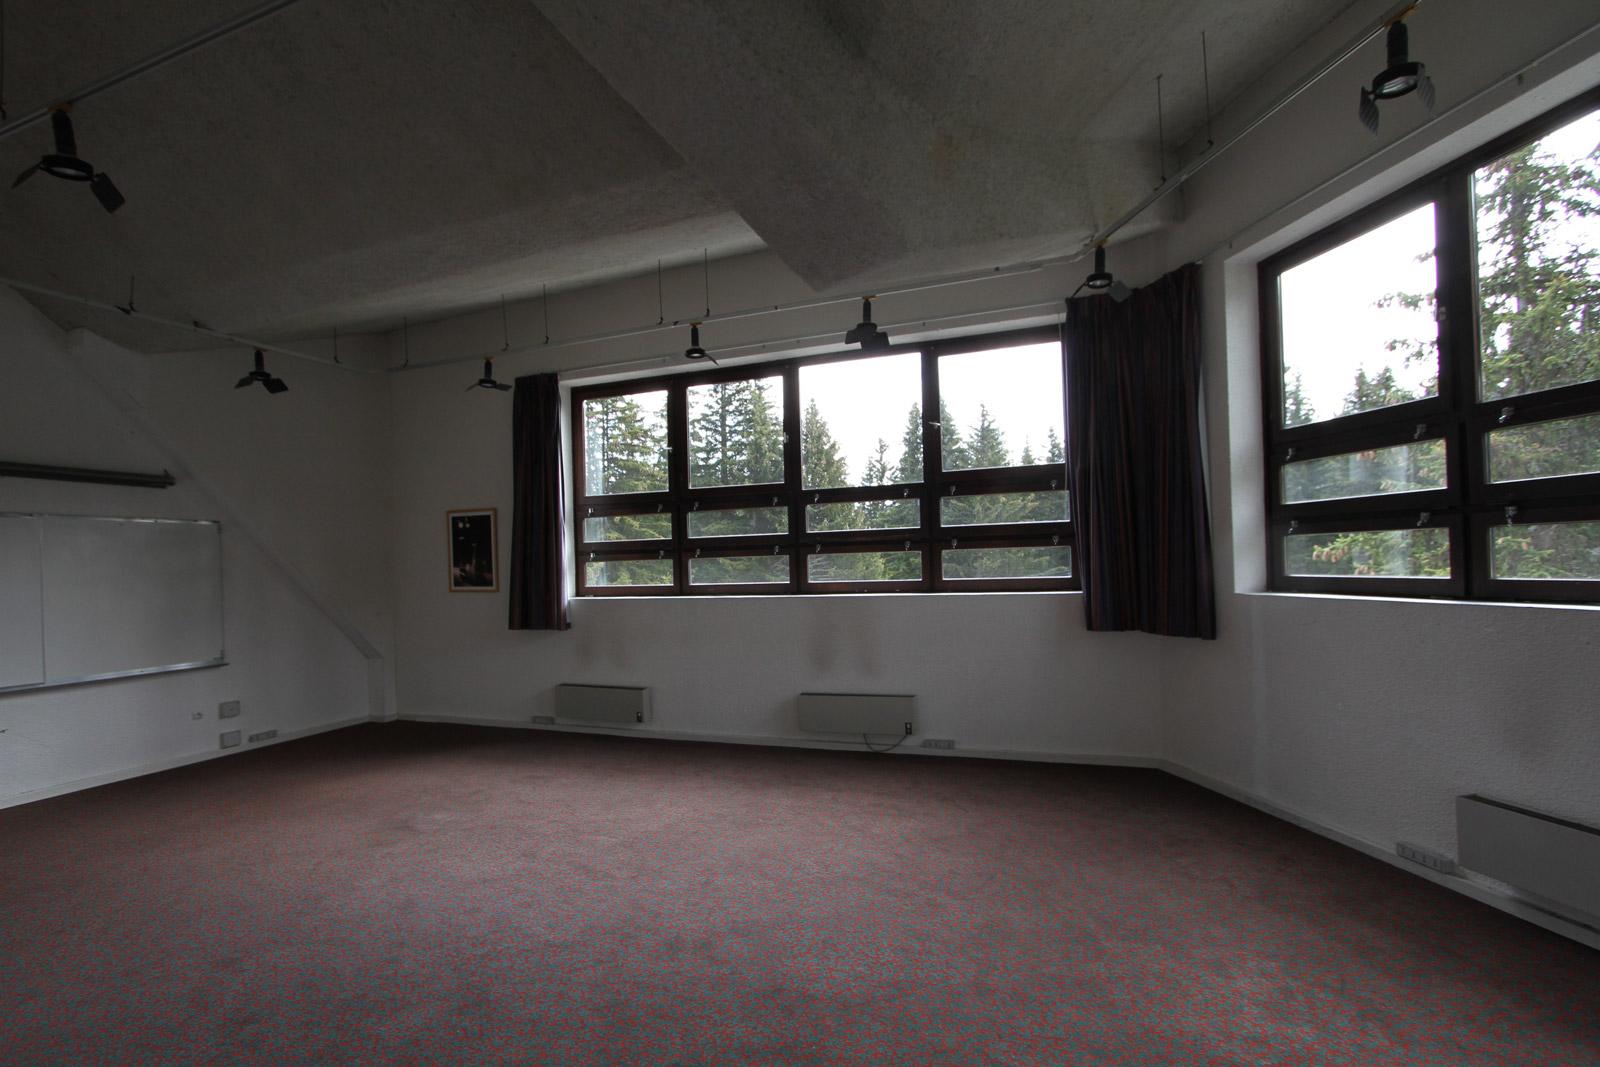 Salon 2 - AVANT